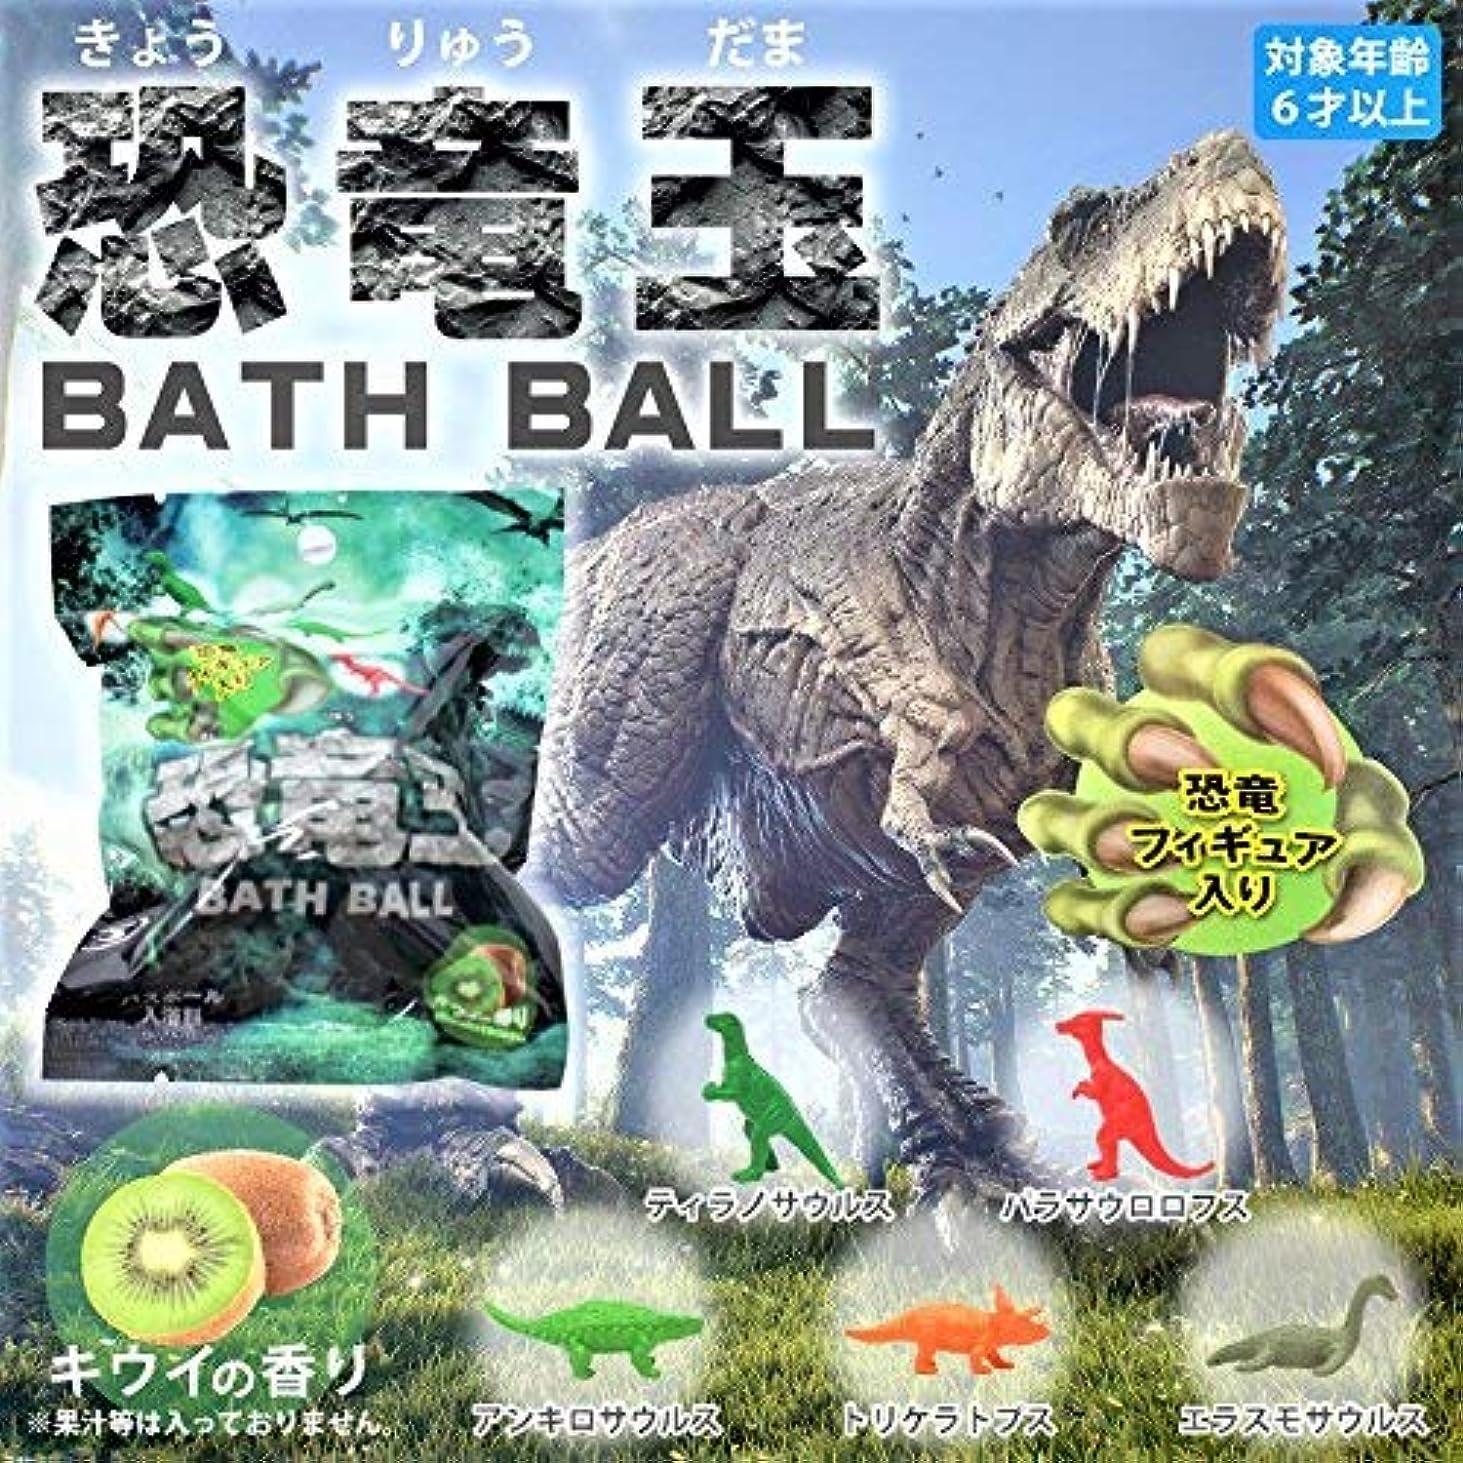 挑発する排除適切に恐竜玉バスボール 24個1セット キウイの香り 恐竜フィギュア入りバスボール 入浴剤